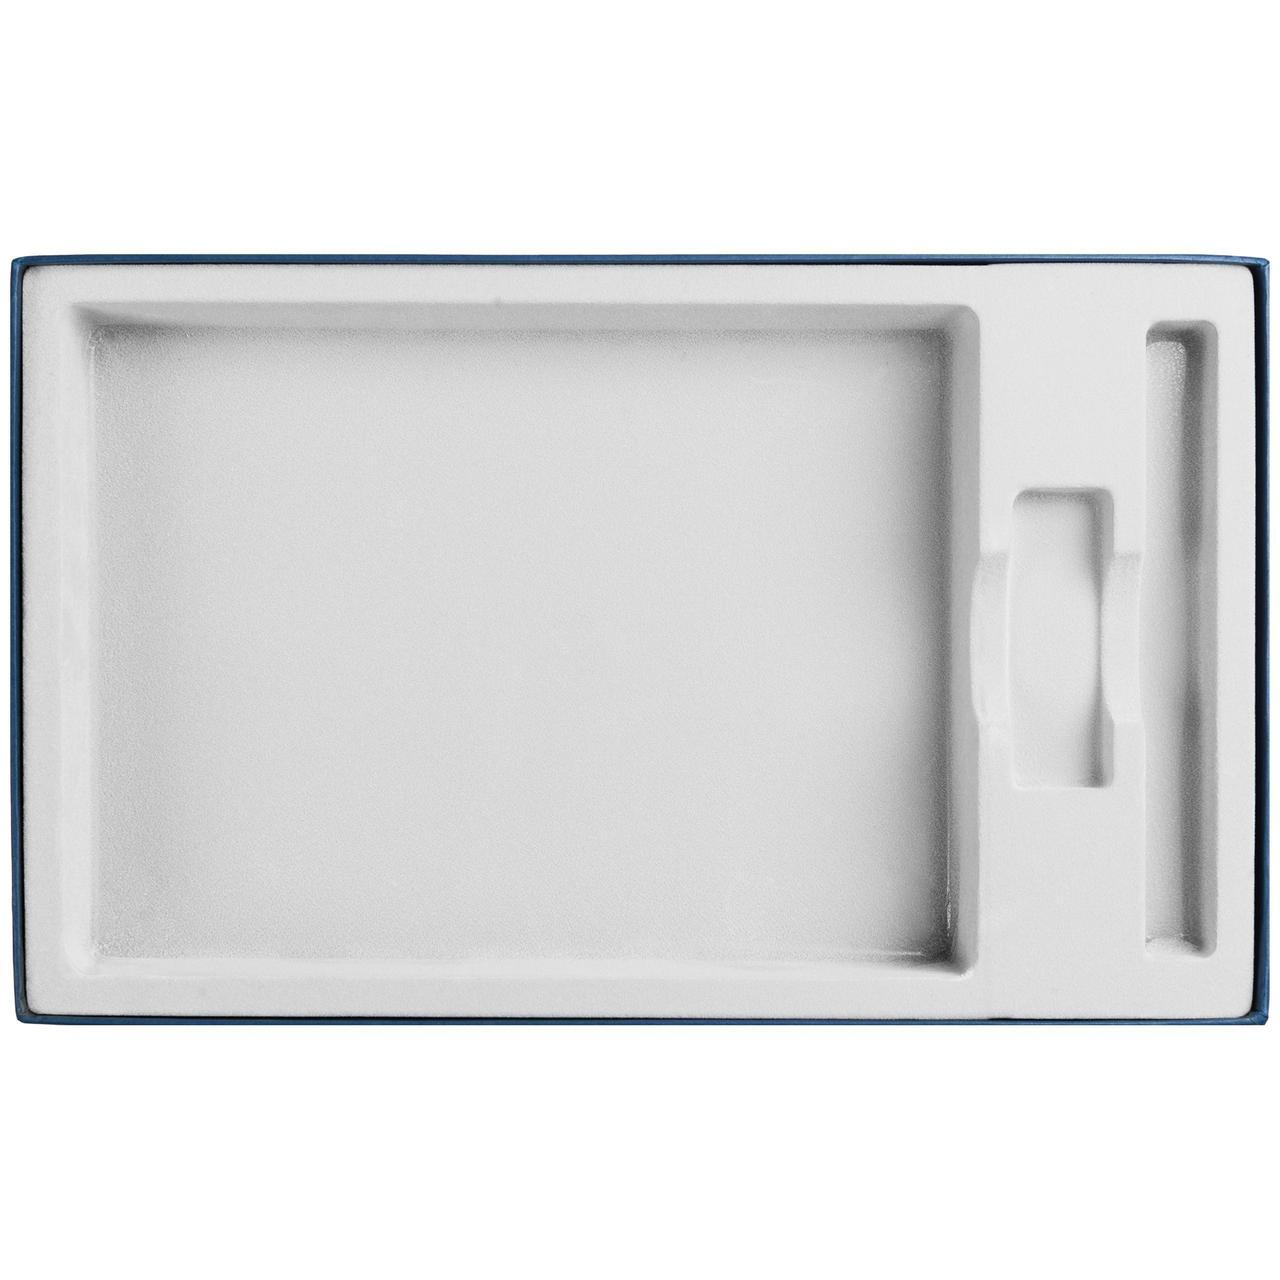 Коробка In Form под ежедневник, флешку, ручку, синяя (артикул 10067.40)